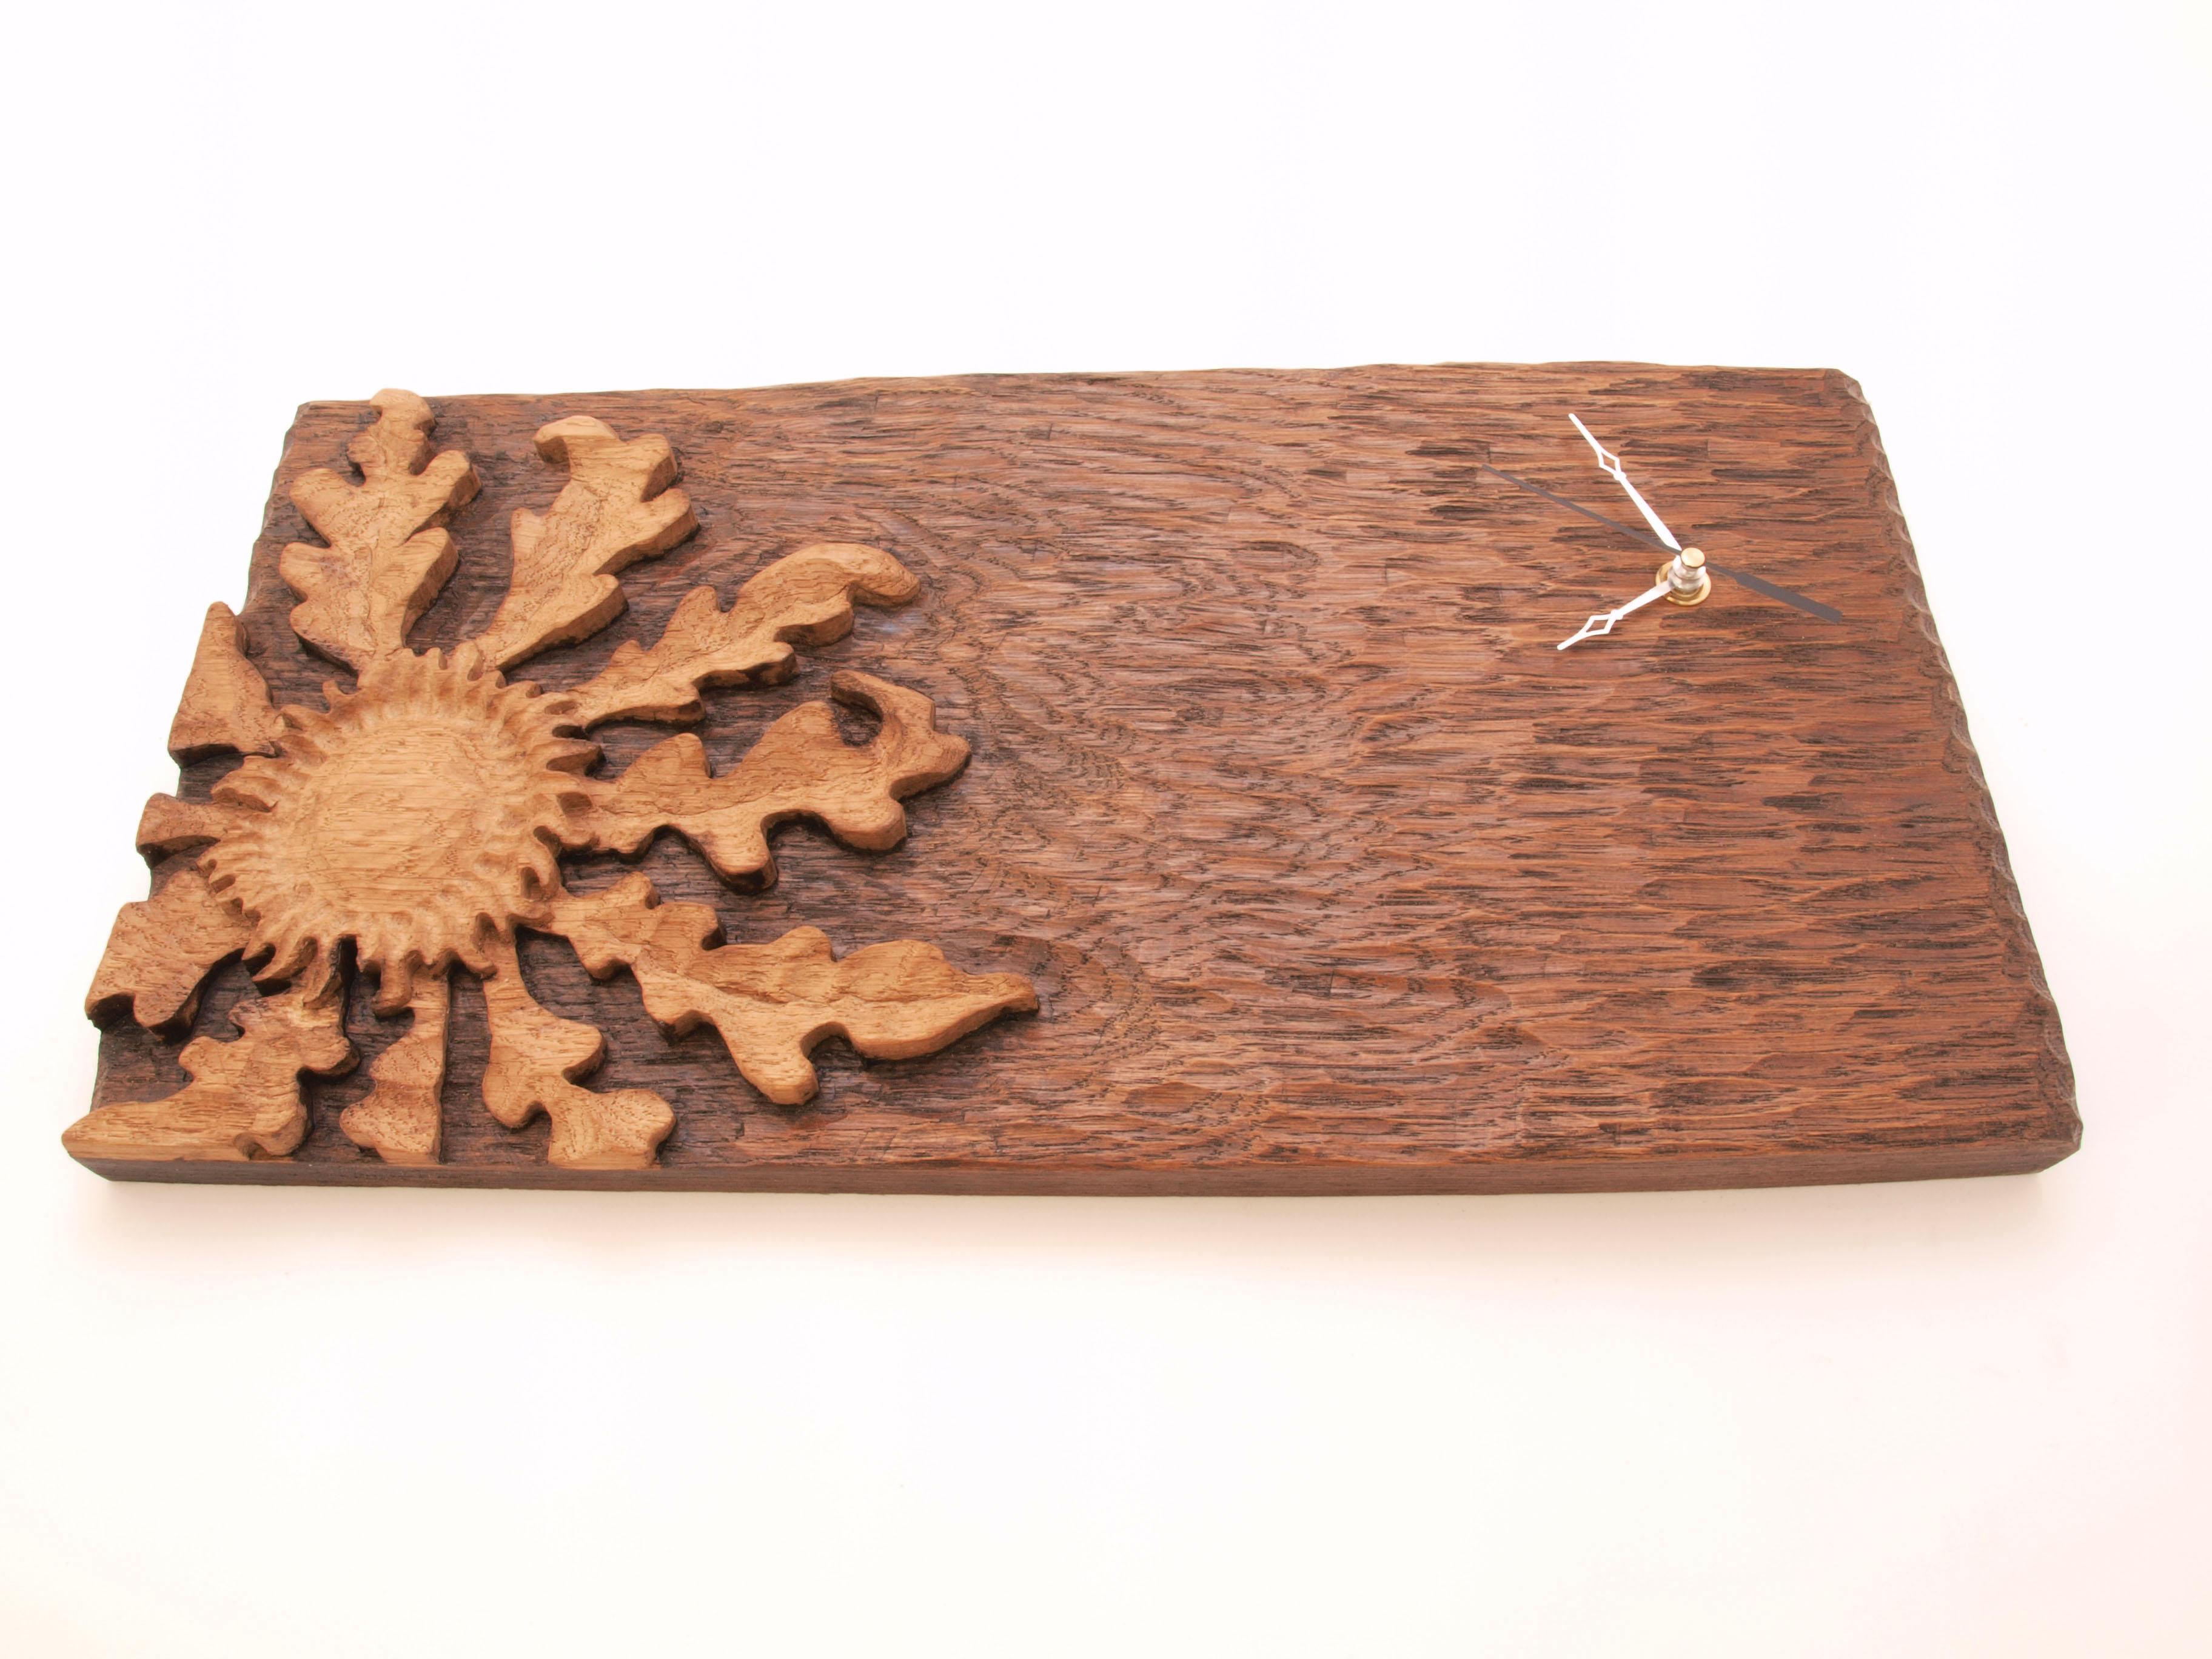 Reloj con eguzkilore tallado en madera de roble en altorrelieve